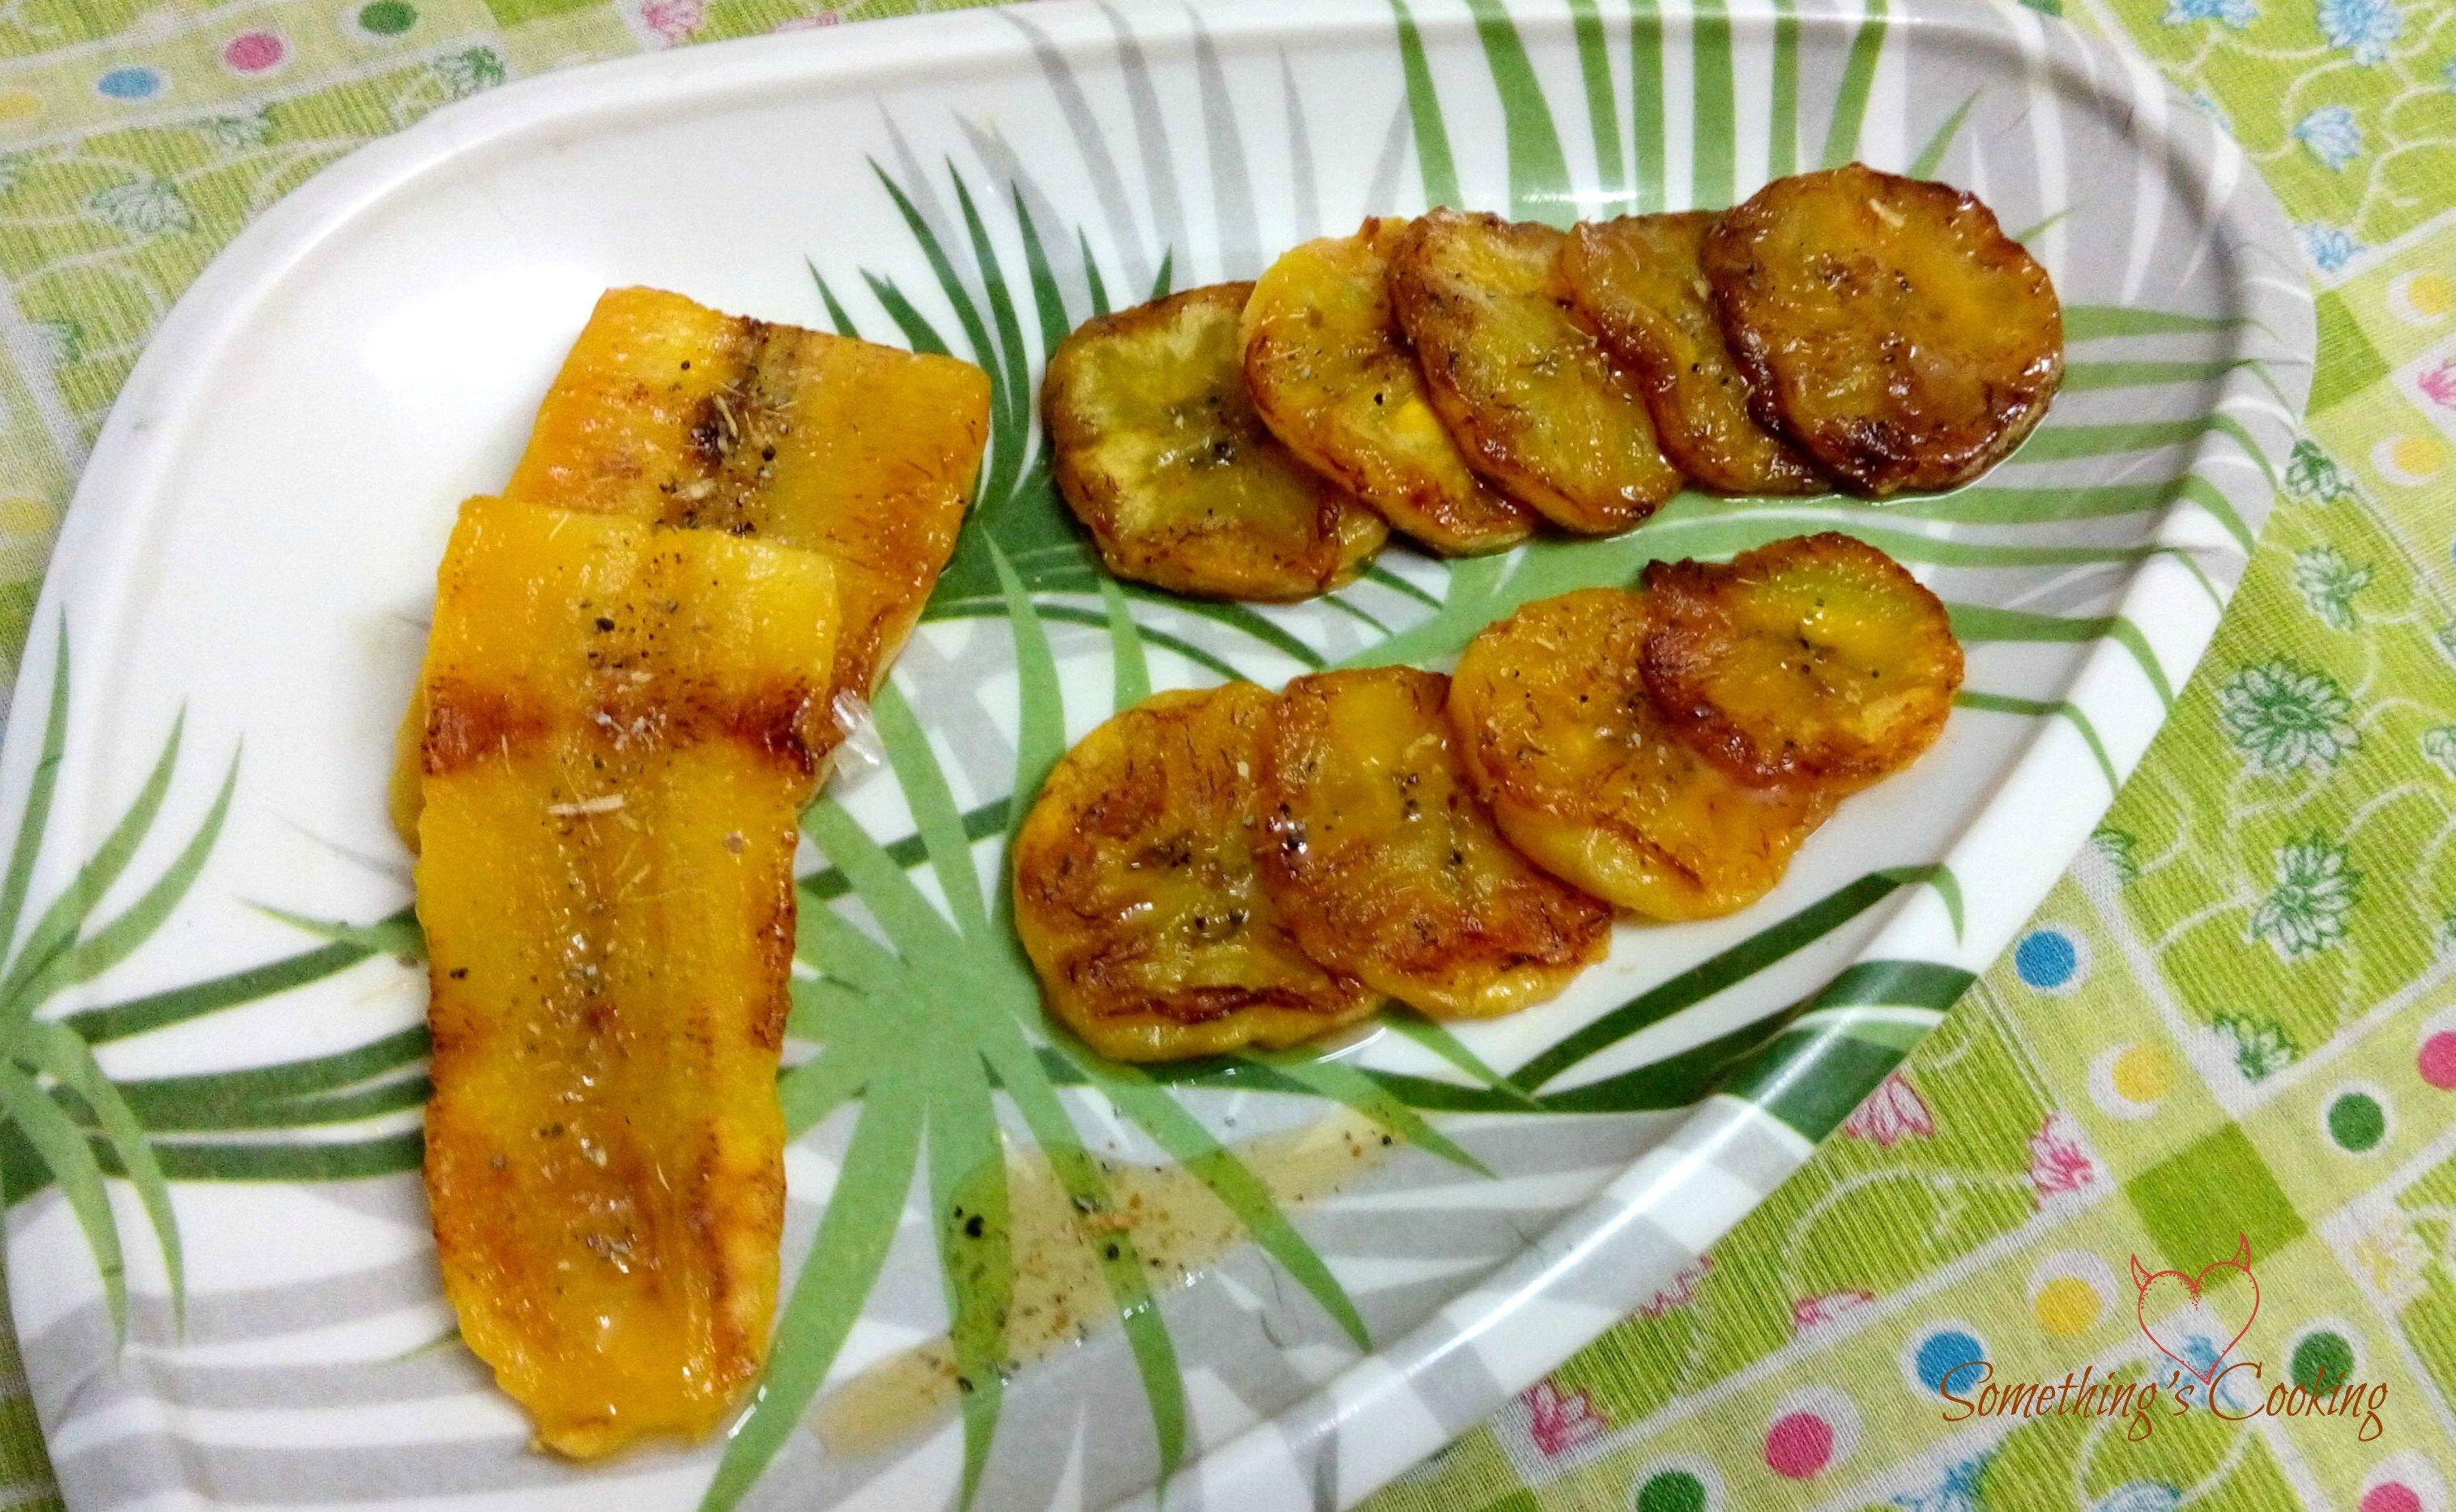 Honey Glazed Bananas (Pazham Varattiyathu)